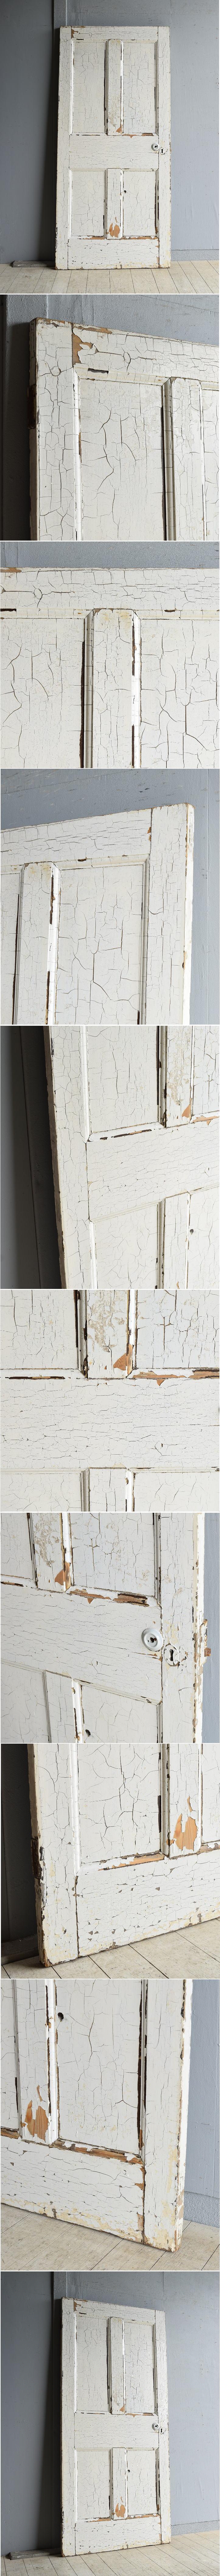 イギリス アンティーク ドア 扉 建具 8053